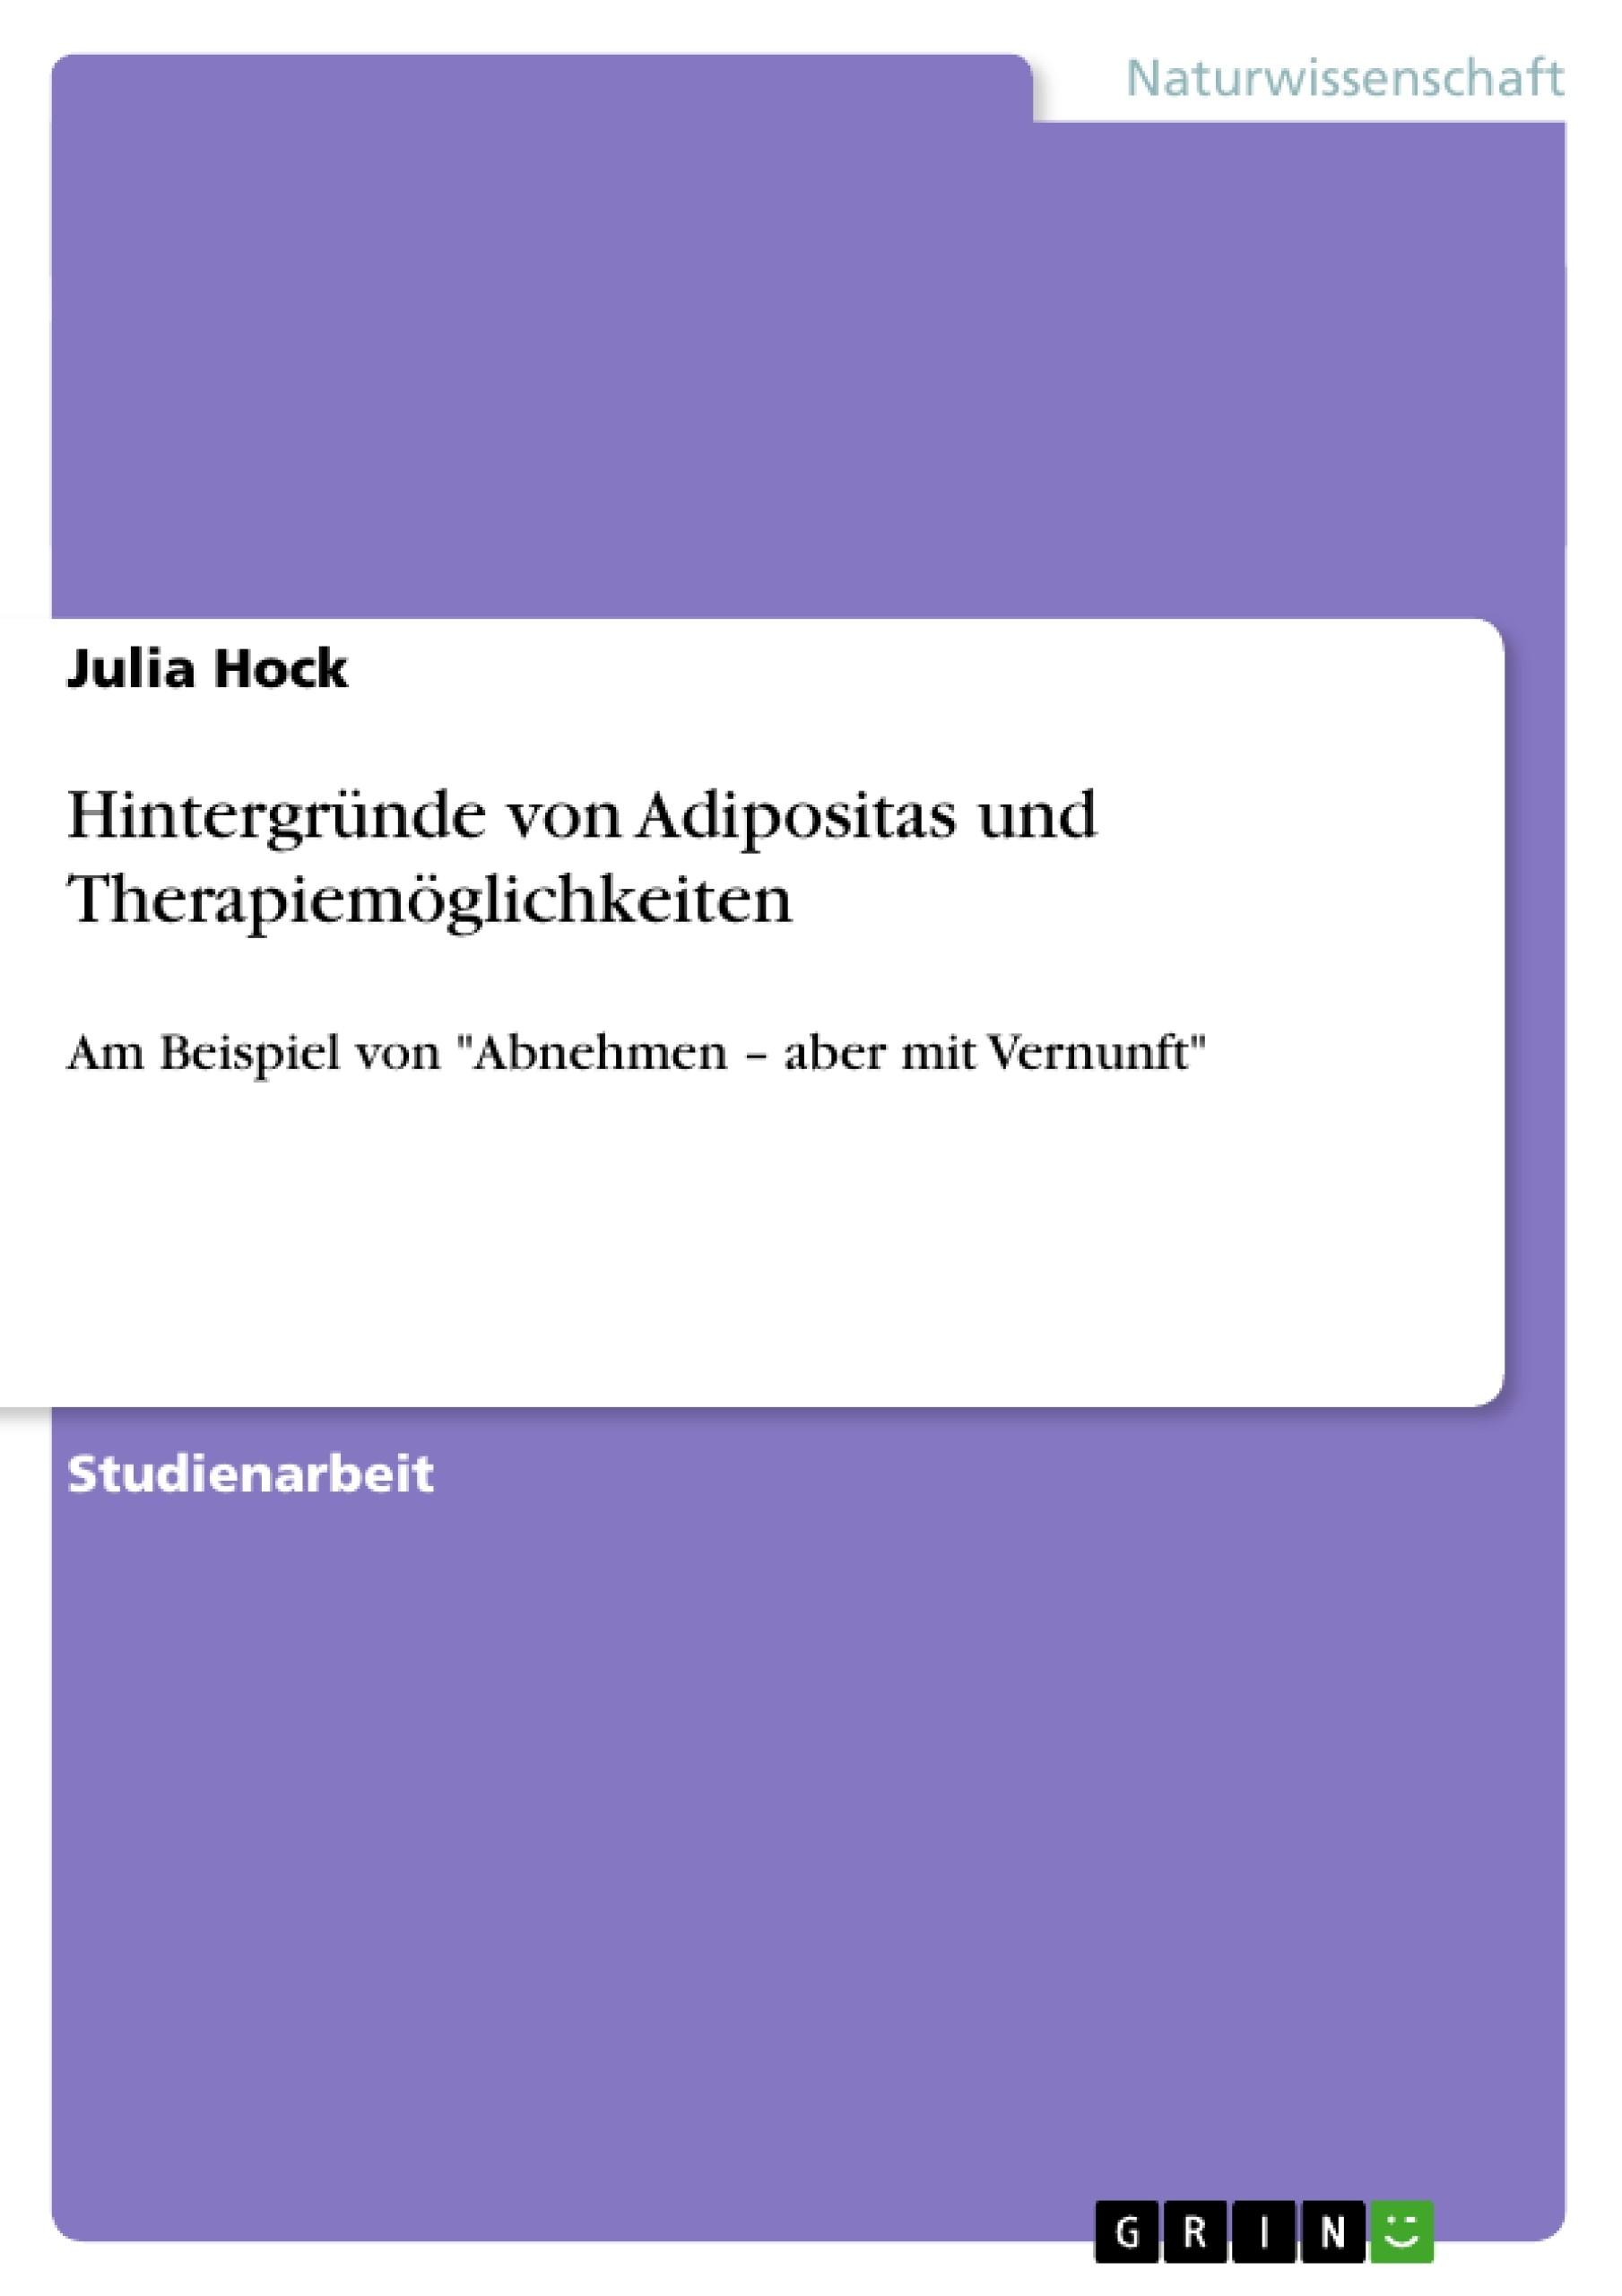 Titel: Hintergründe von Adipositas und Therapiemöglichkeiten